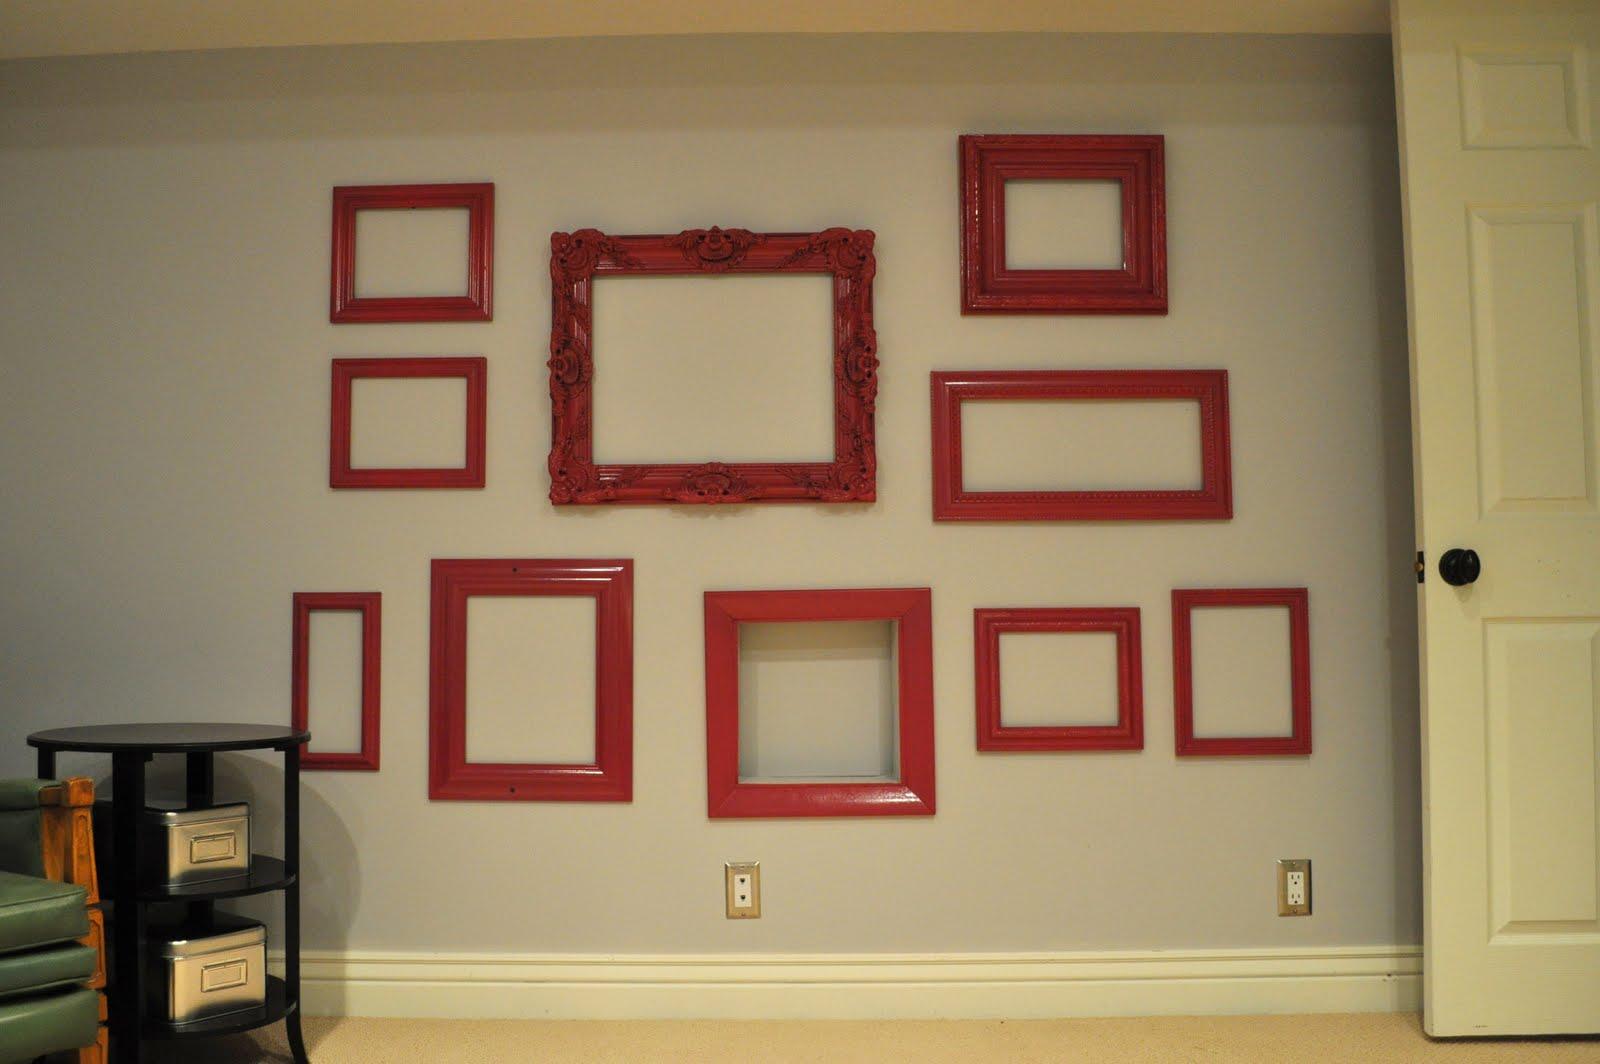 I Am Momma - Hear Me Roar: Empty Frames on my Wall